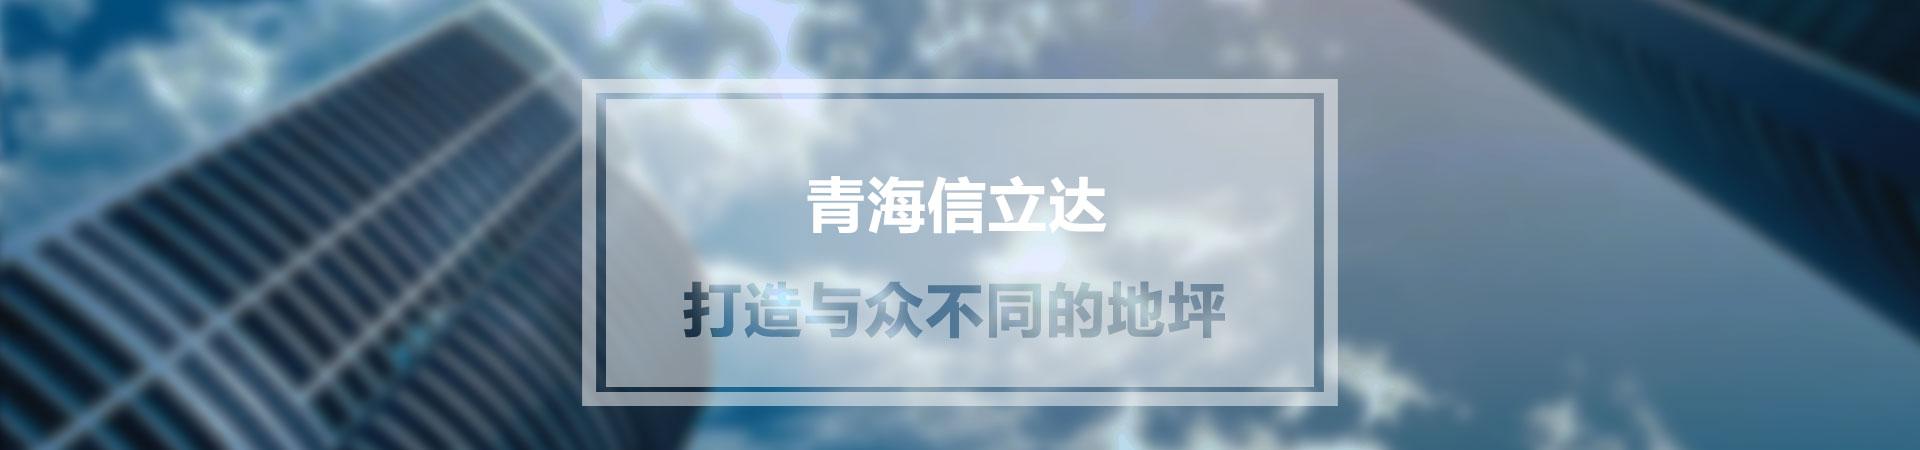 青海j9.com九游会地坪工程有限公司